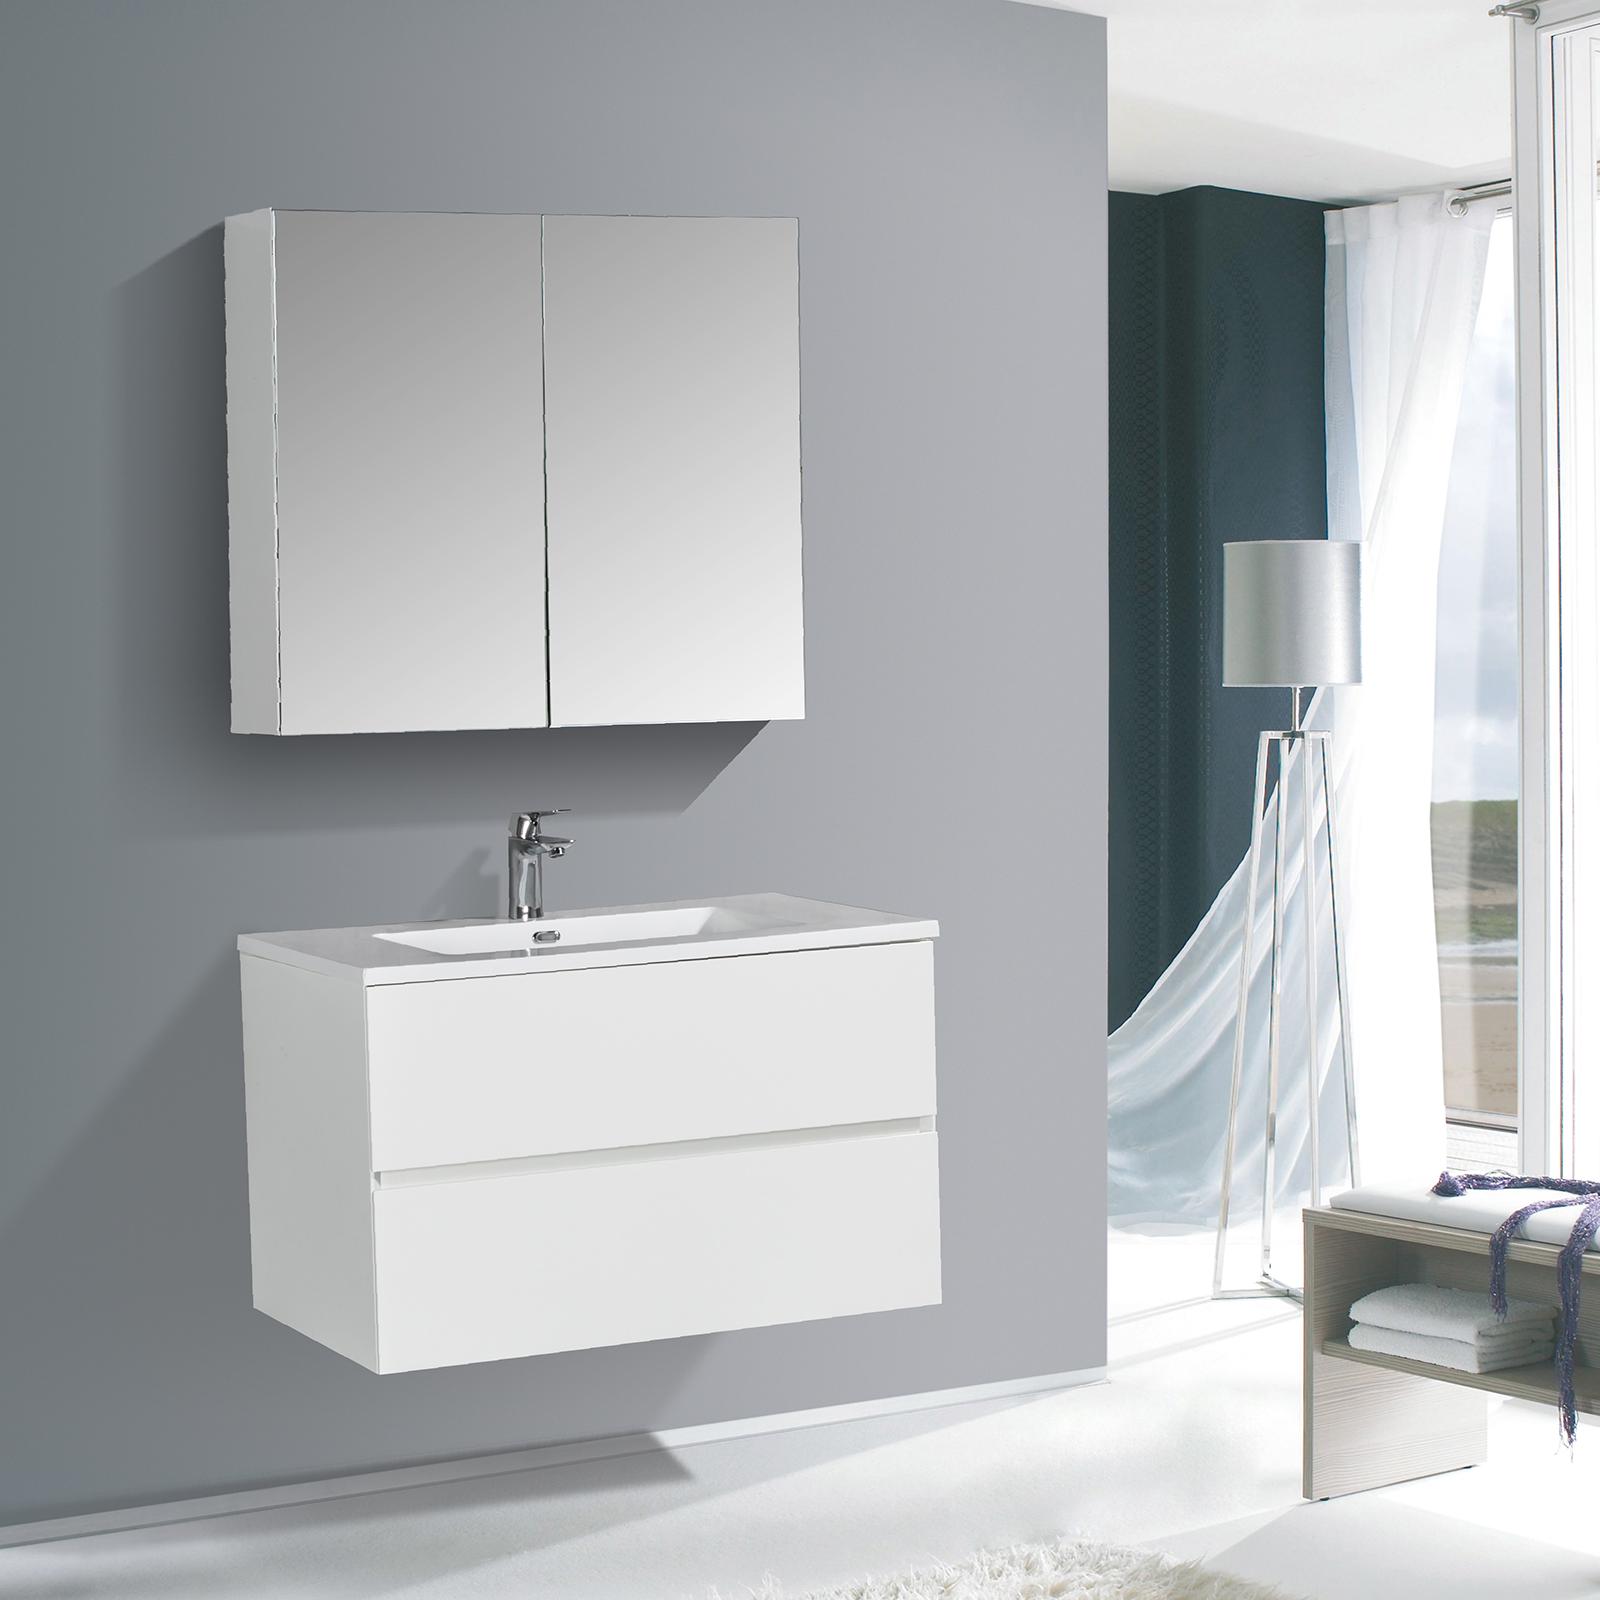 Badmöbel-Set EDGE 850 - Farbe wählbar - Spiegel & Seitenschrank optional